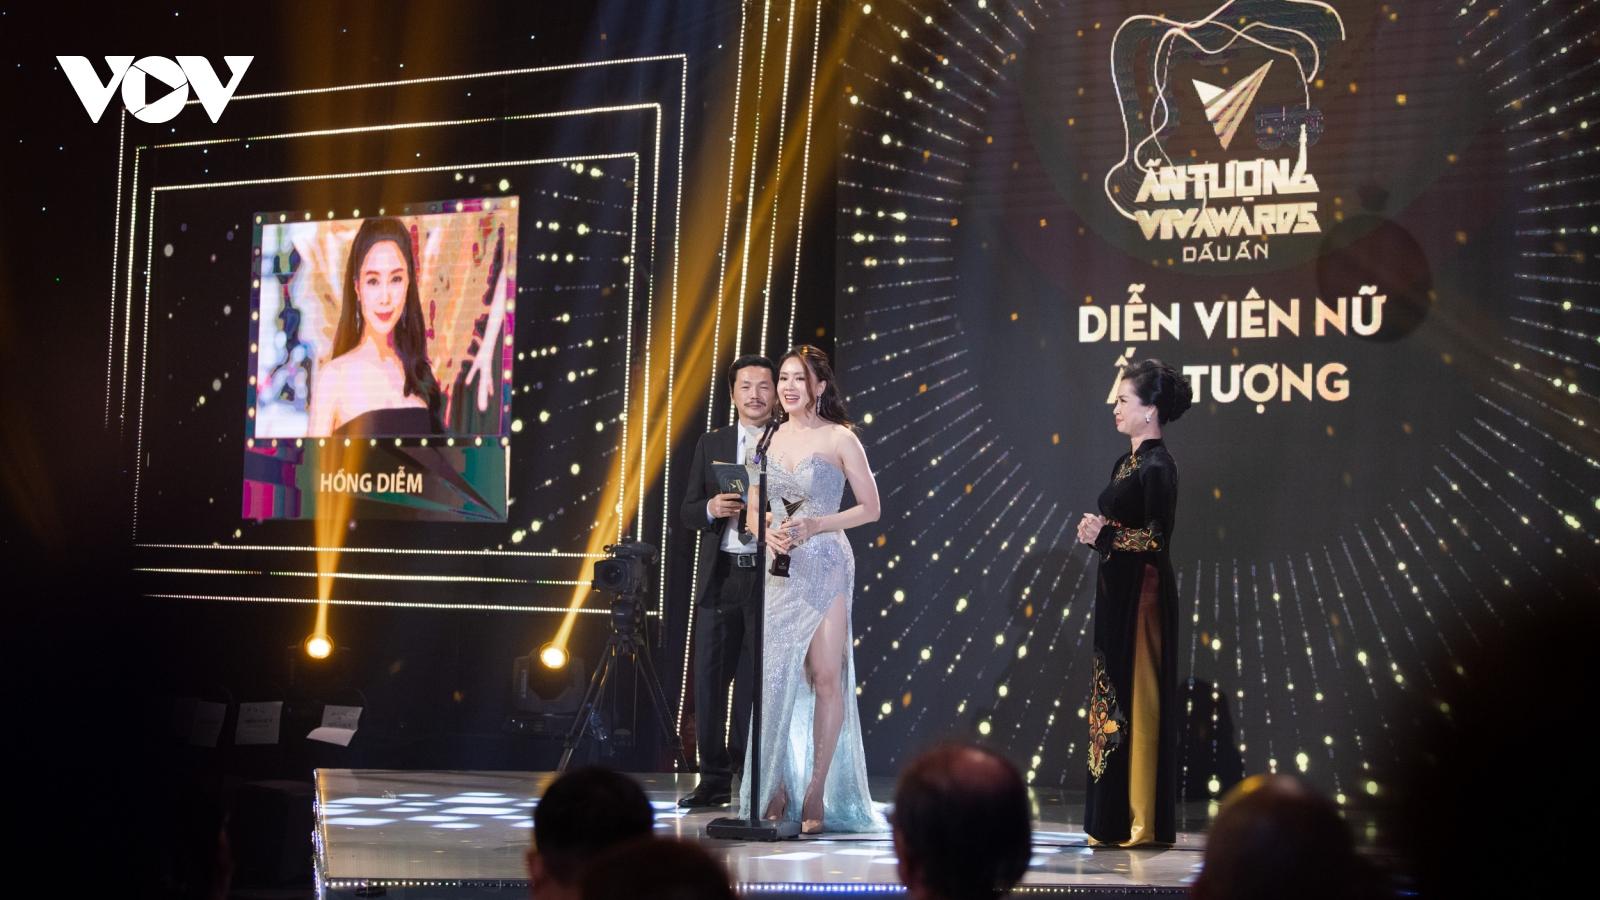 """Hồng Diễm cùng bộ phim """"Hoa hồng trên ngực trái"""" đại thắng tại VTV Awards 2020"""